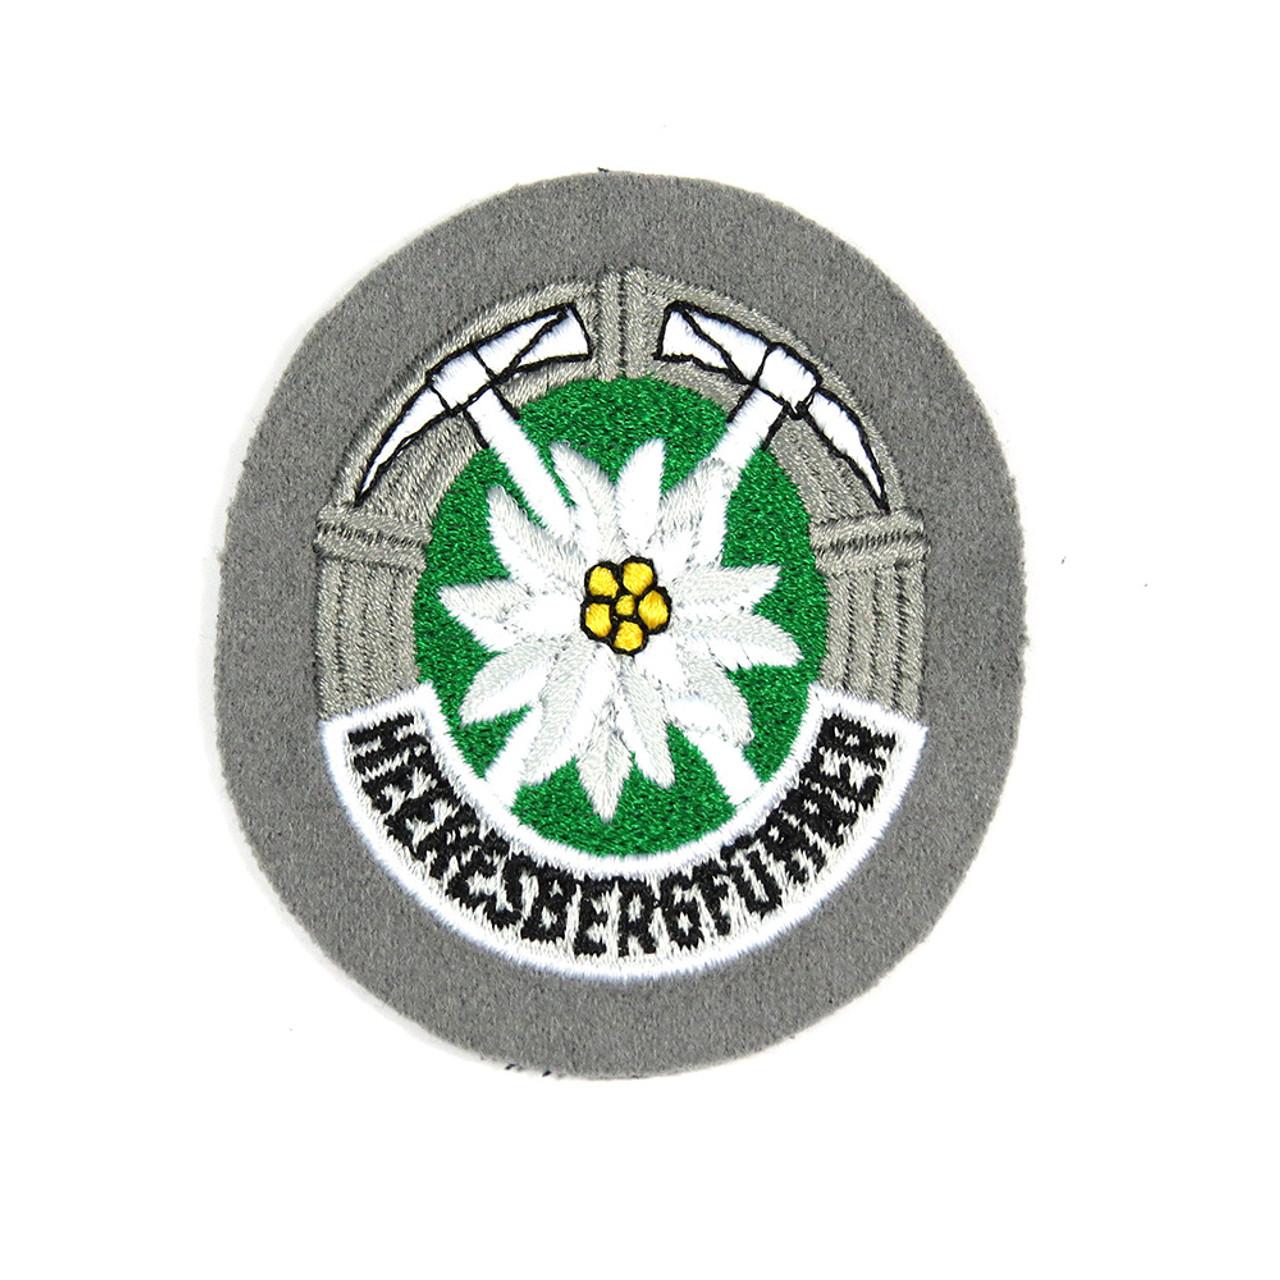 Heeresbergführer Patch